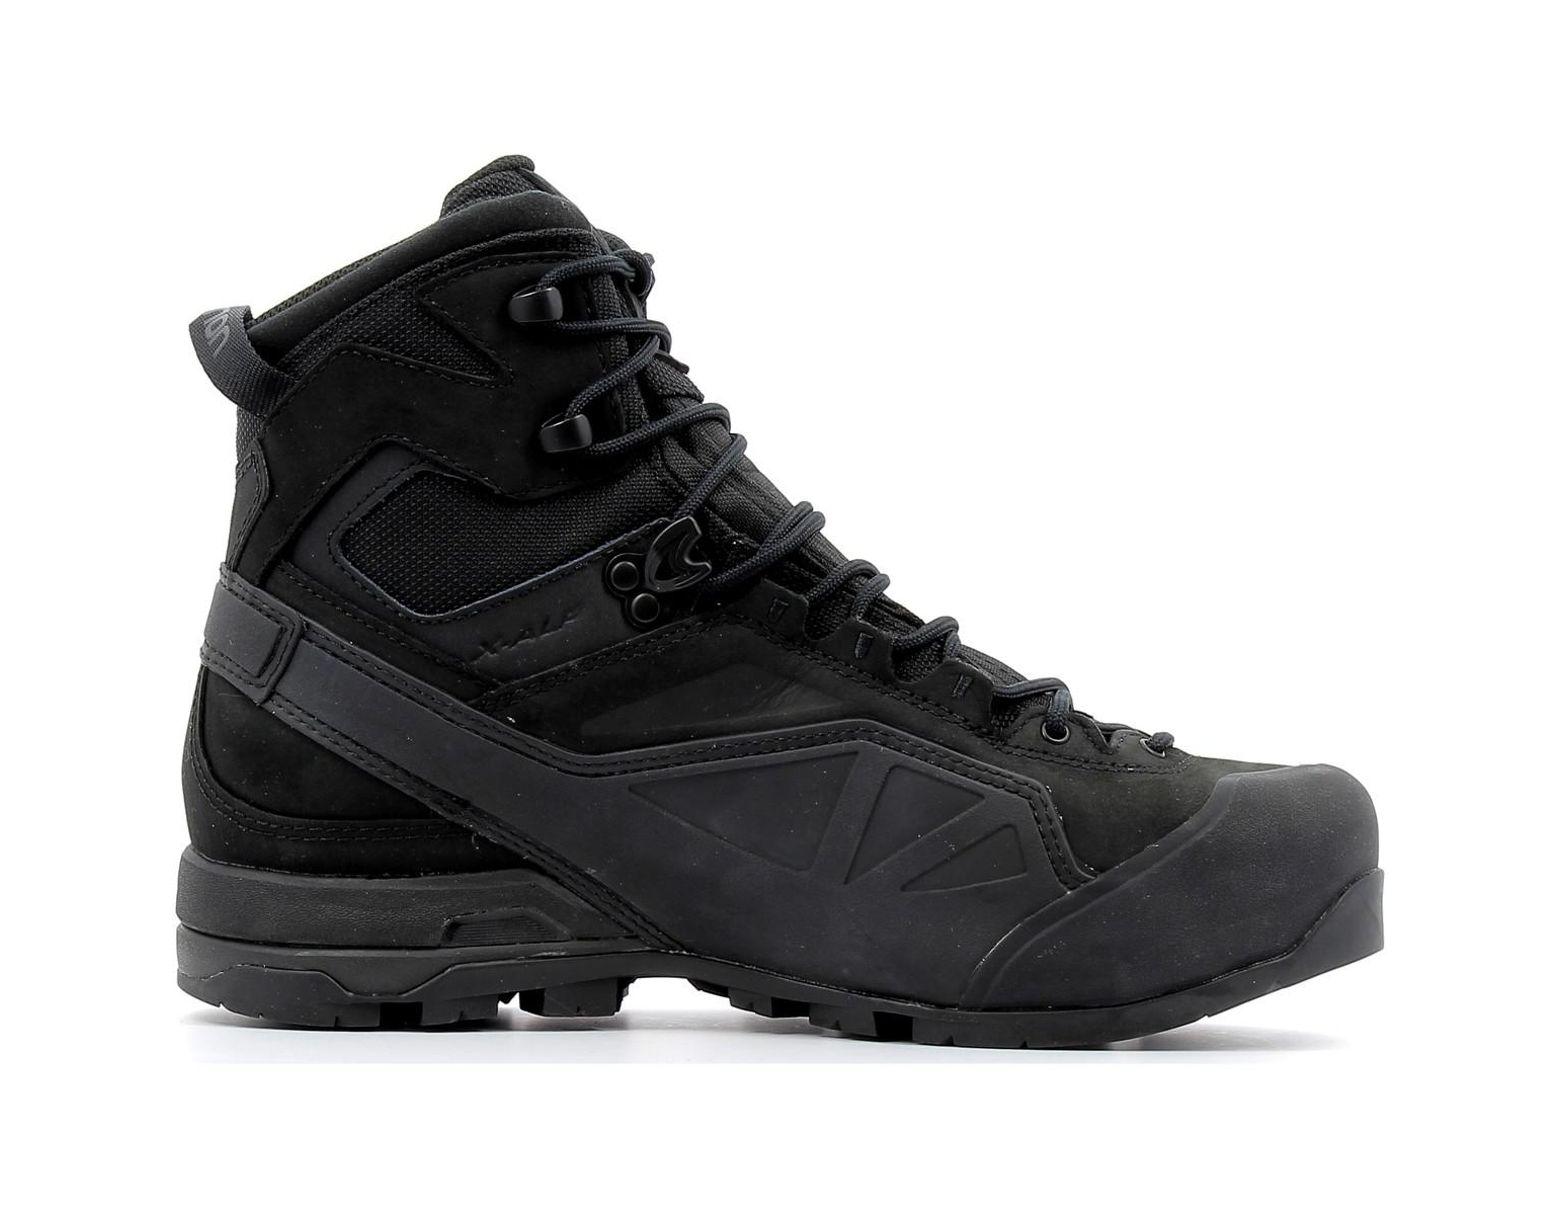 Alp Pour Gore X En Yves Salomon Mnt Noir Homme Chaussures Hommes Tex CoeBrxd